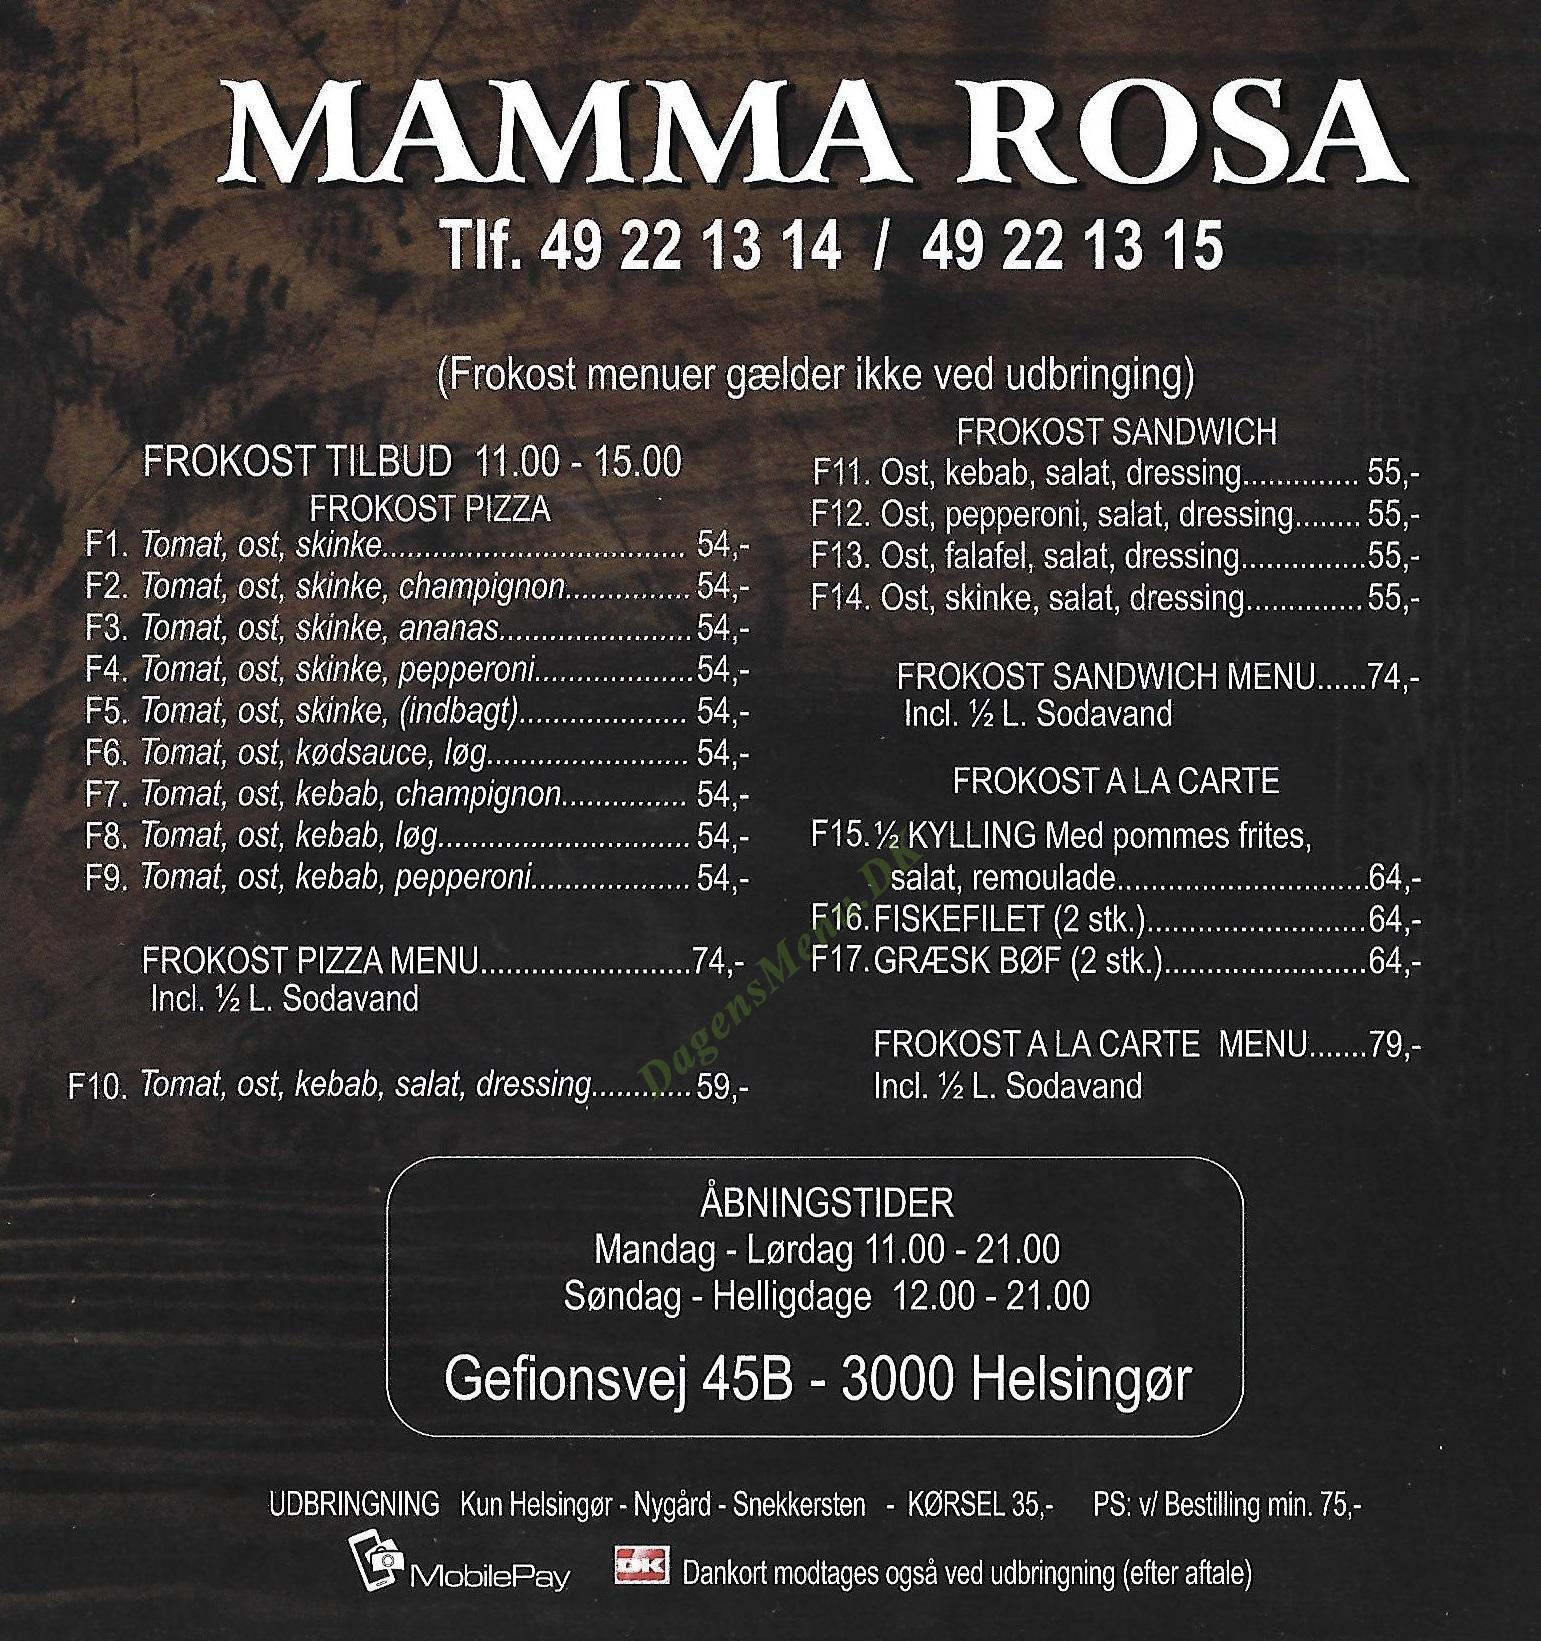 Mamma Rosa - Menukort